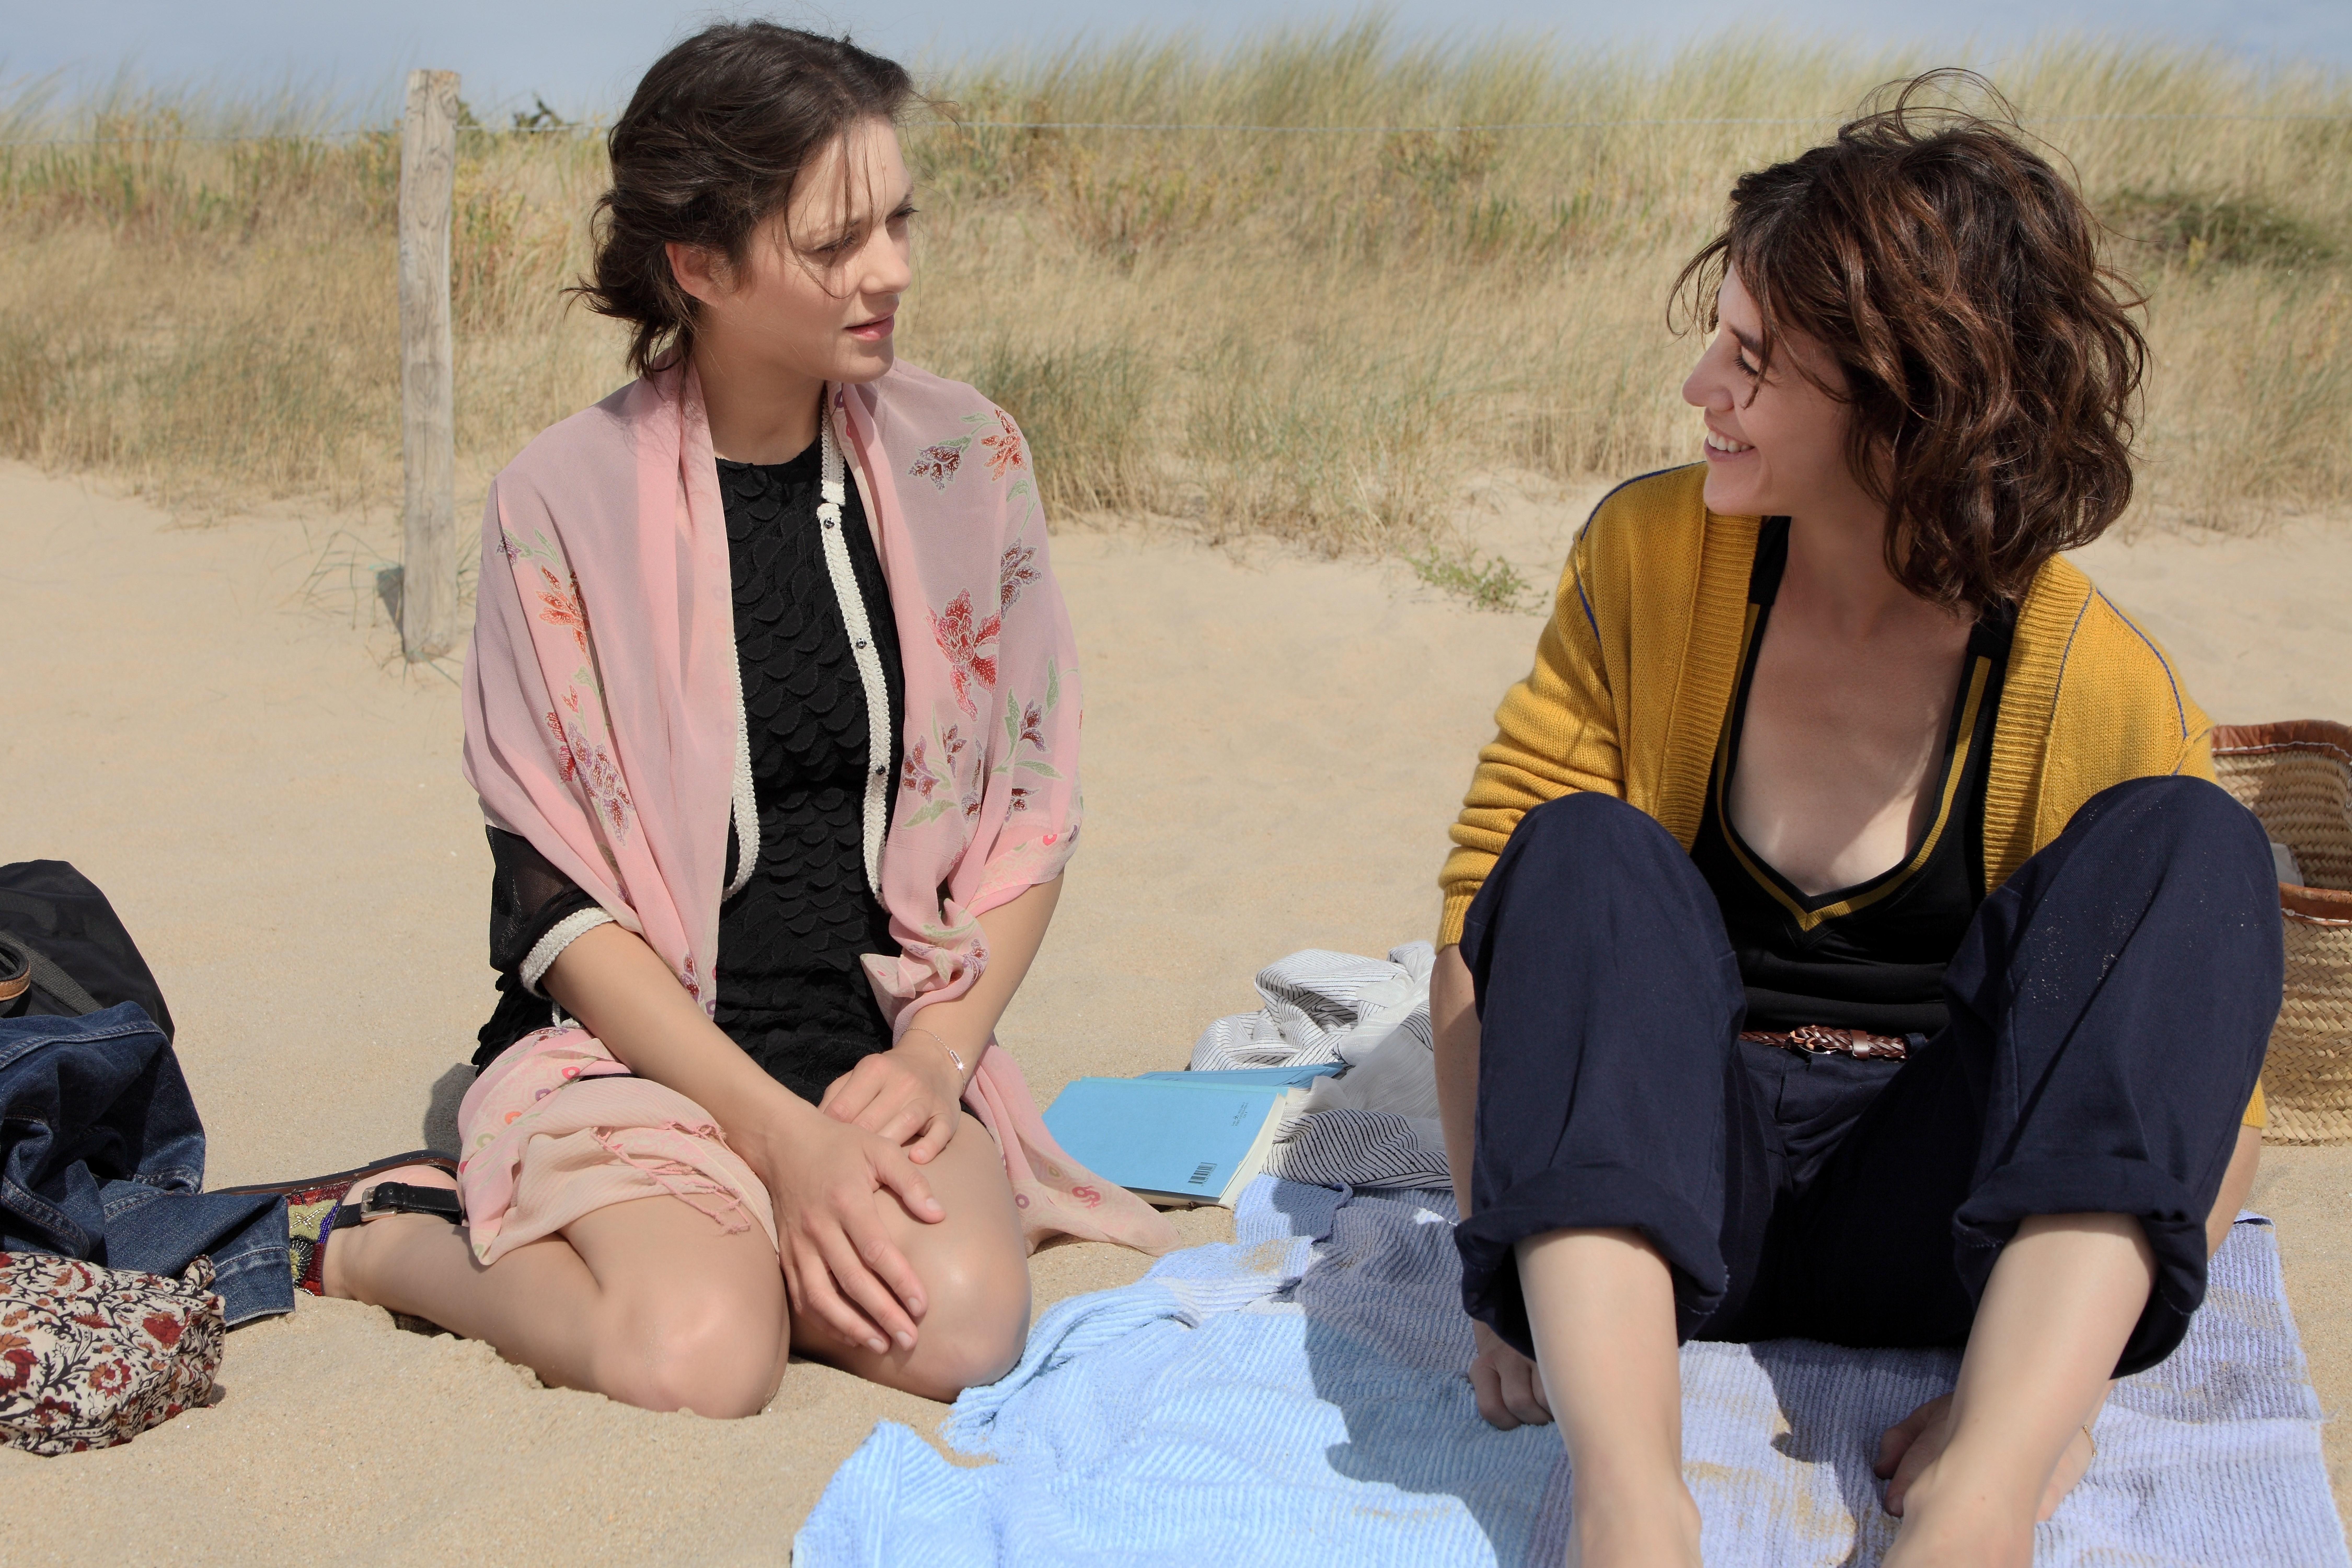 Les fantômes d'Ismaël: Charlotte Gainsbourg e Marion Cotillard in spiaggia